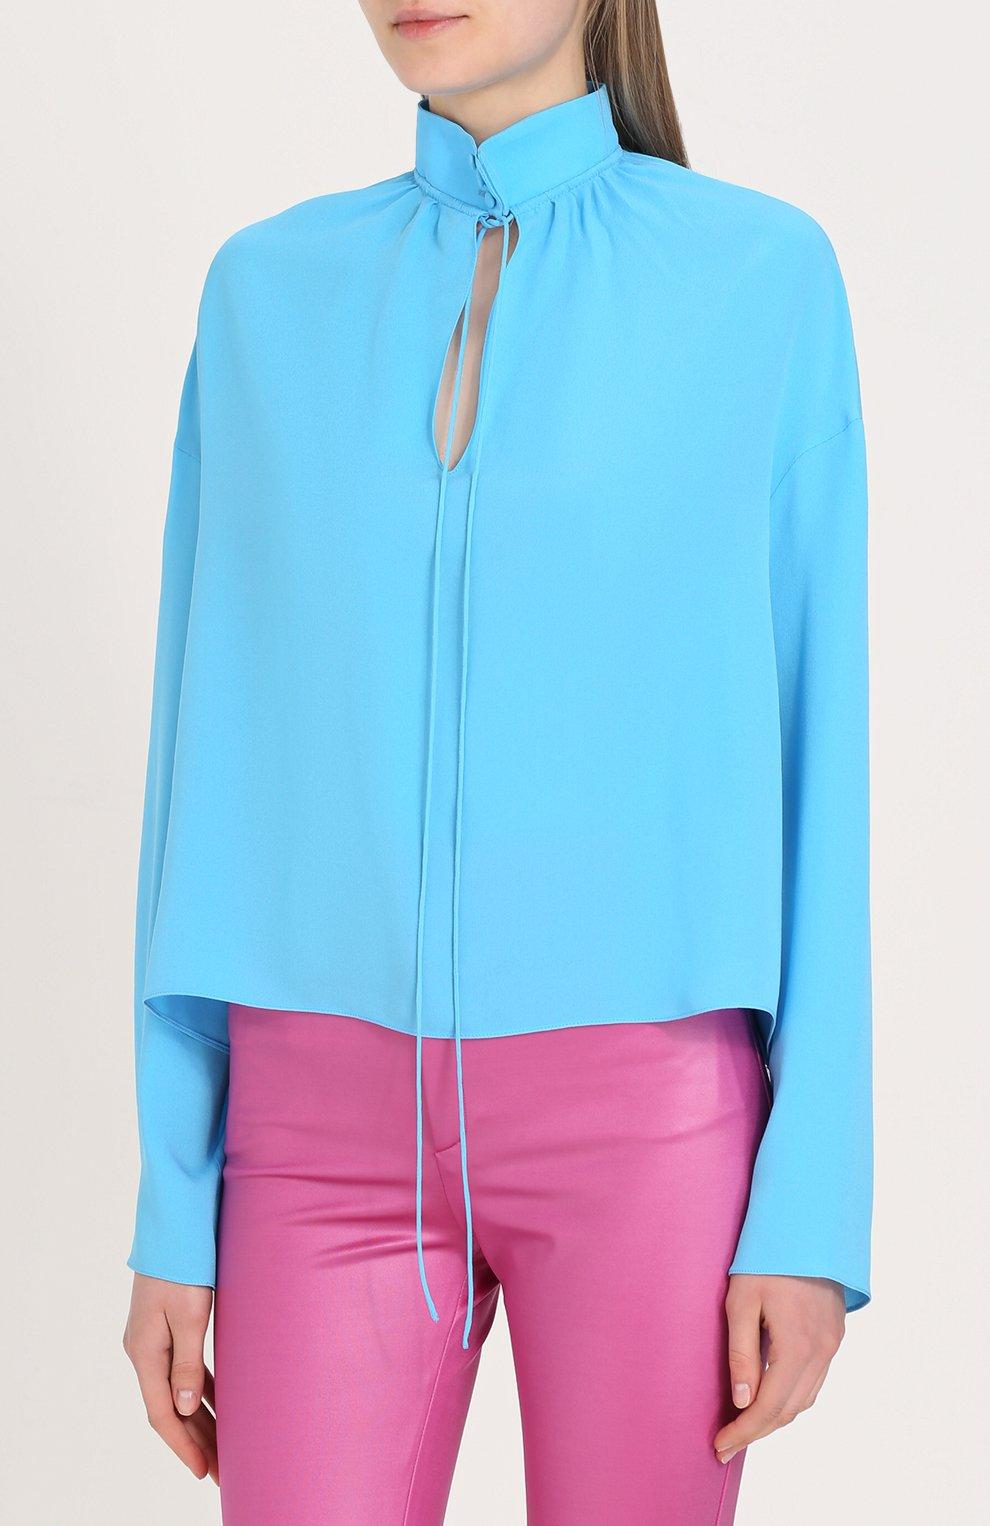 030a6182053 Шелковая блуза свободного кроя с воротником-стойкой Balenciaga бирюзовая